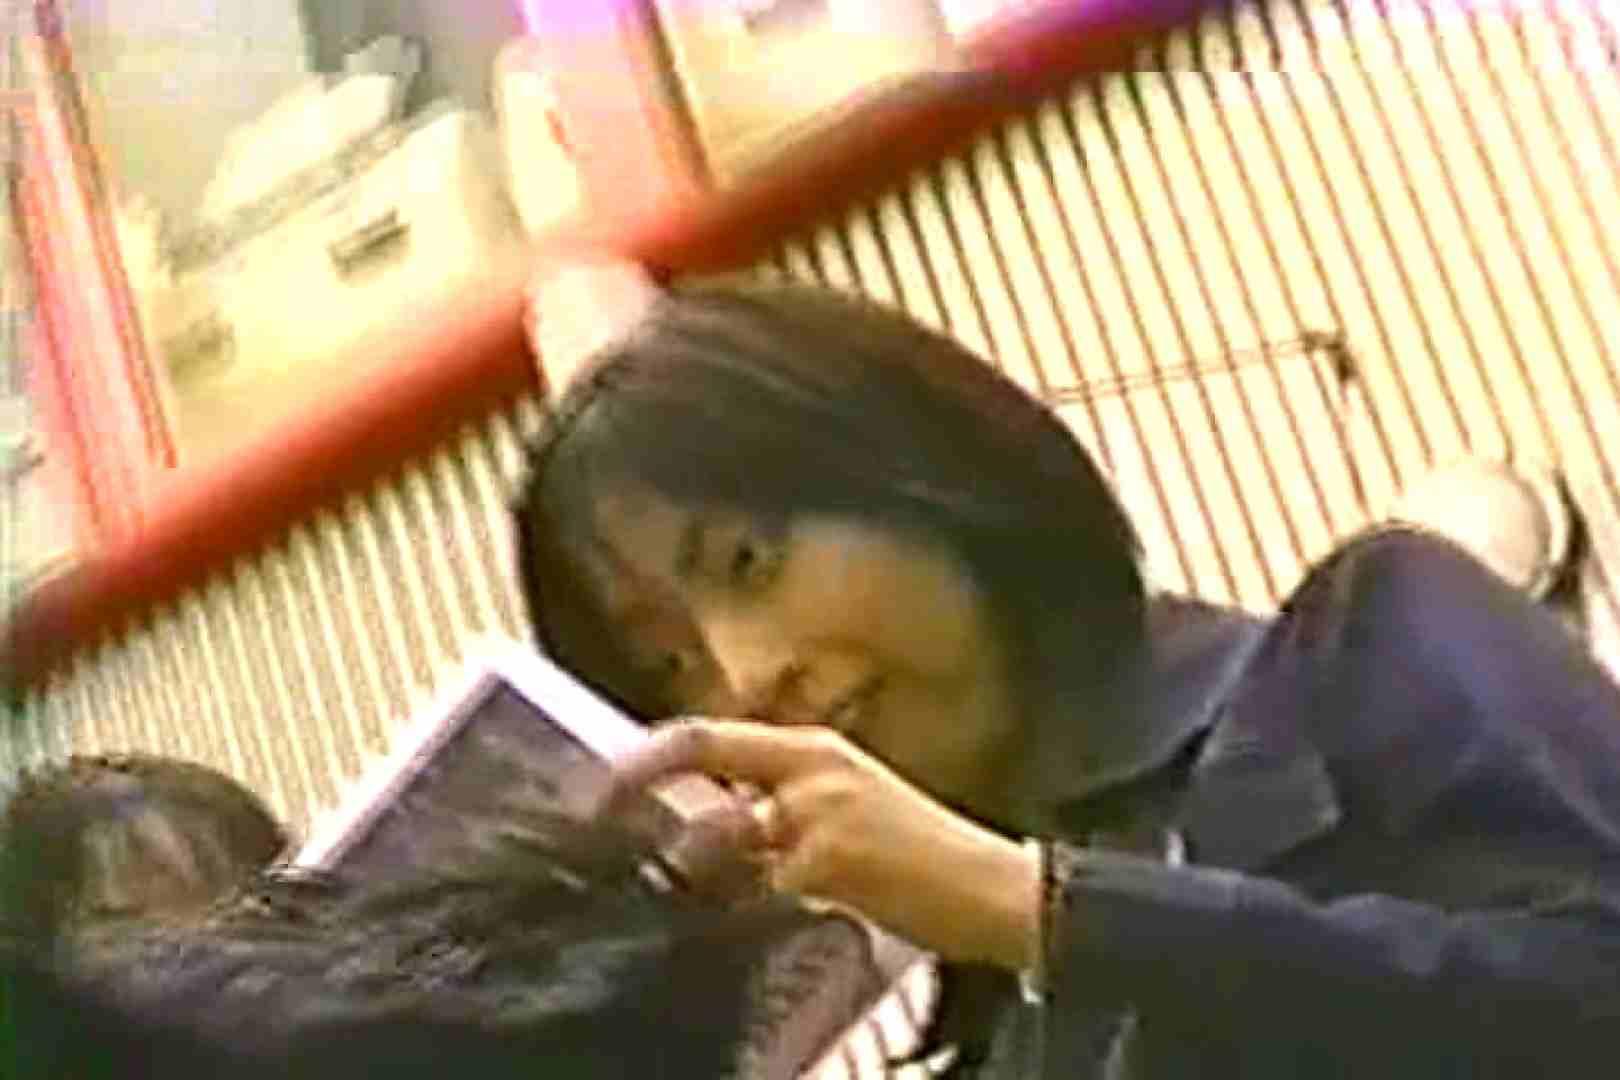 「ちくりん」さんのオリジナル未編集パンチラVol.9_02 エロティックなOL AV動画キャプチャ 95画像 14